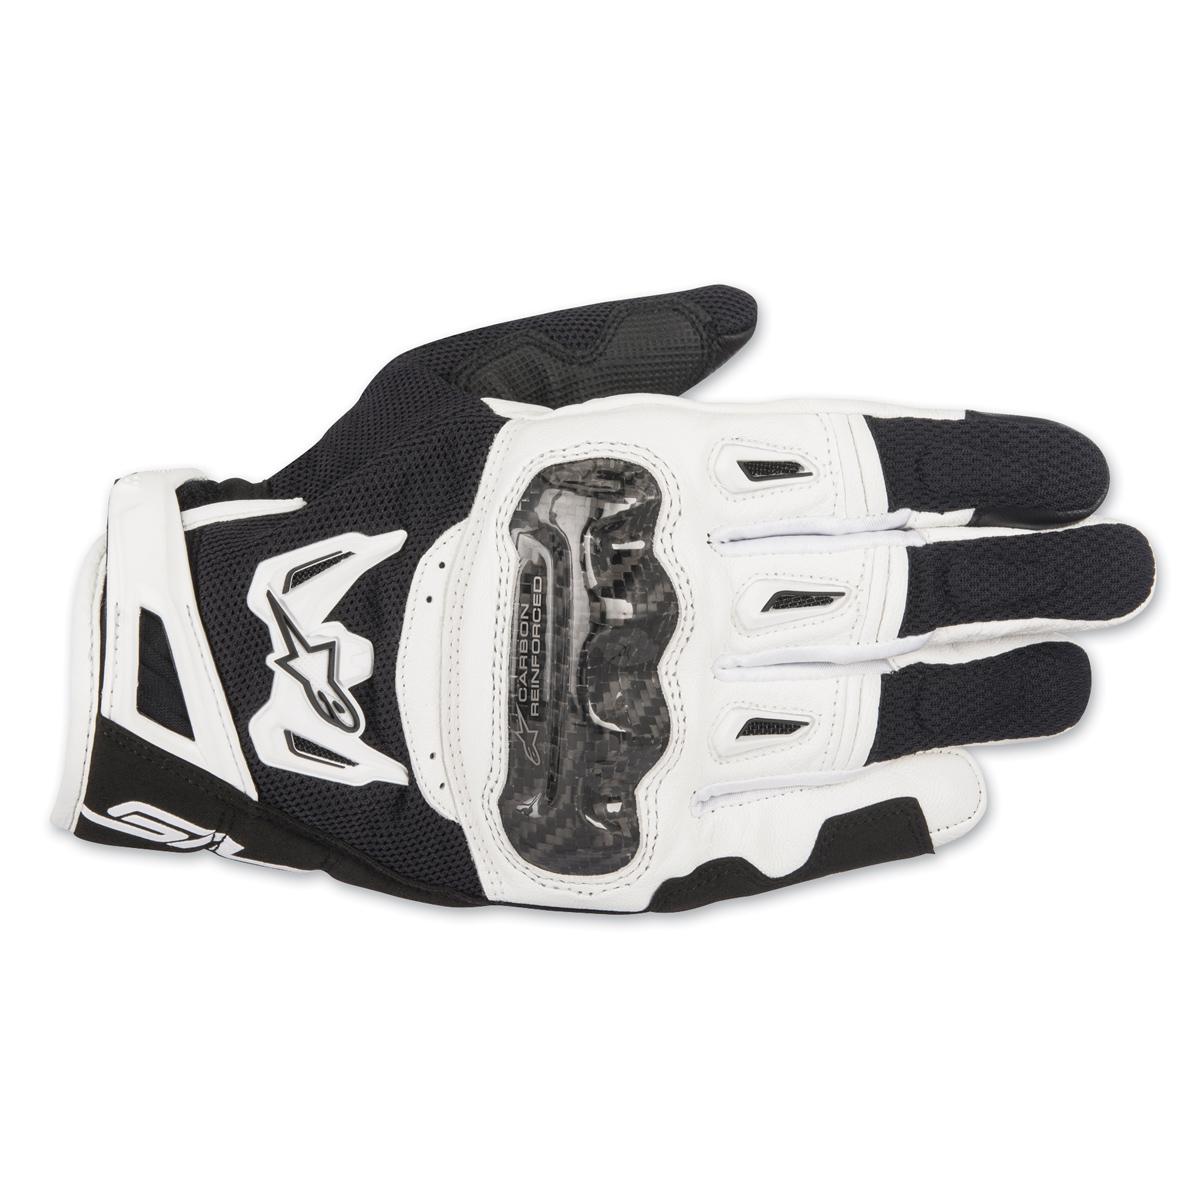 Alpinestars Men's SMX-2 v2 Air Carbon Black/White Gloves